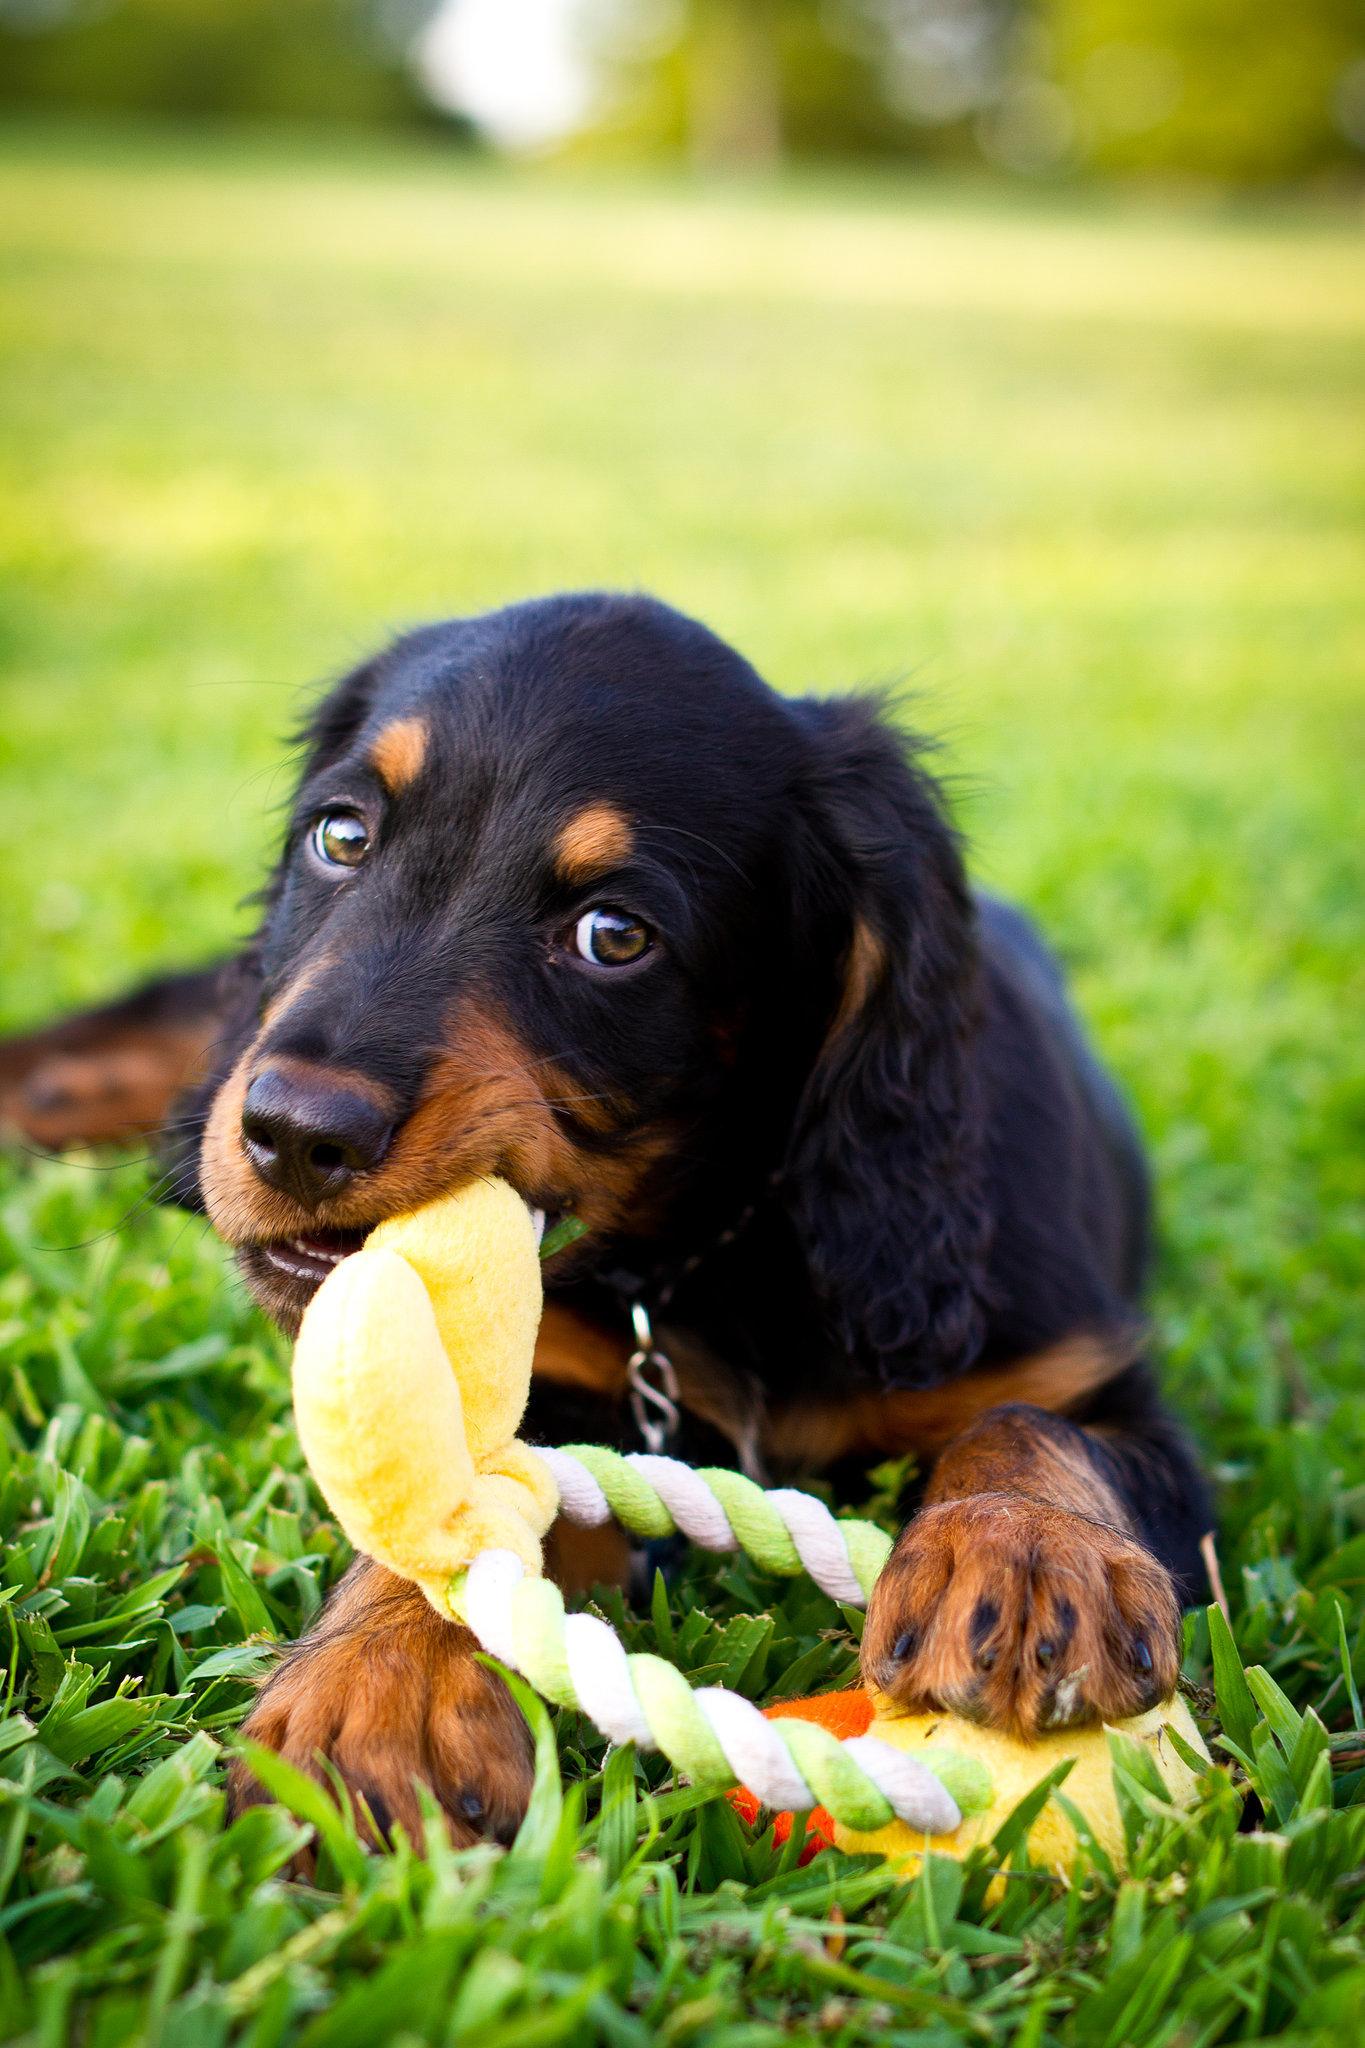 6. Chew Toys